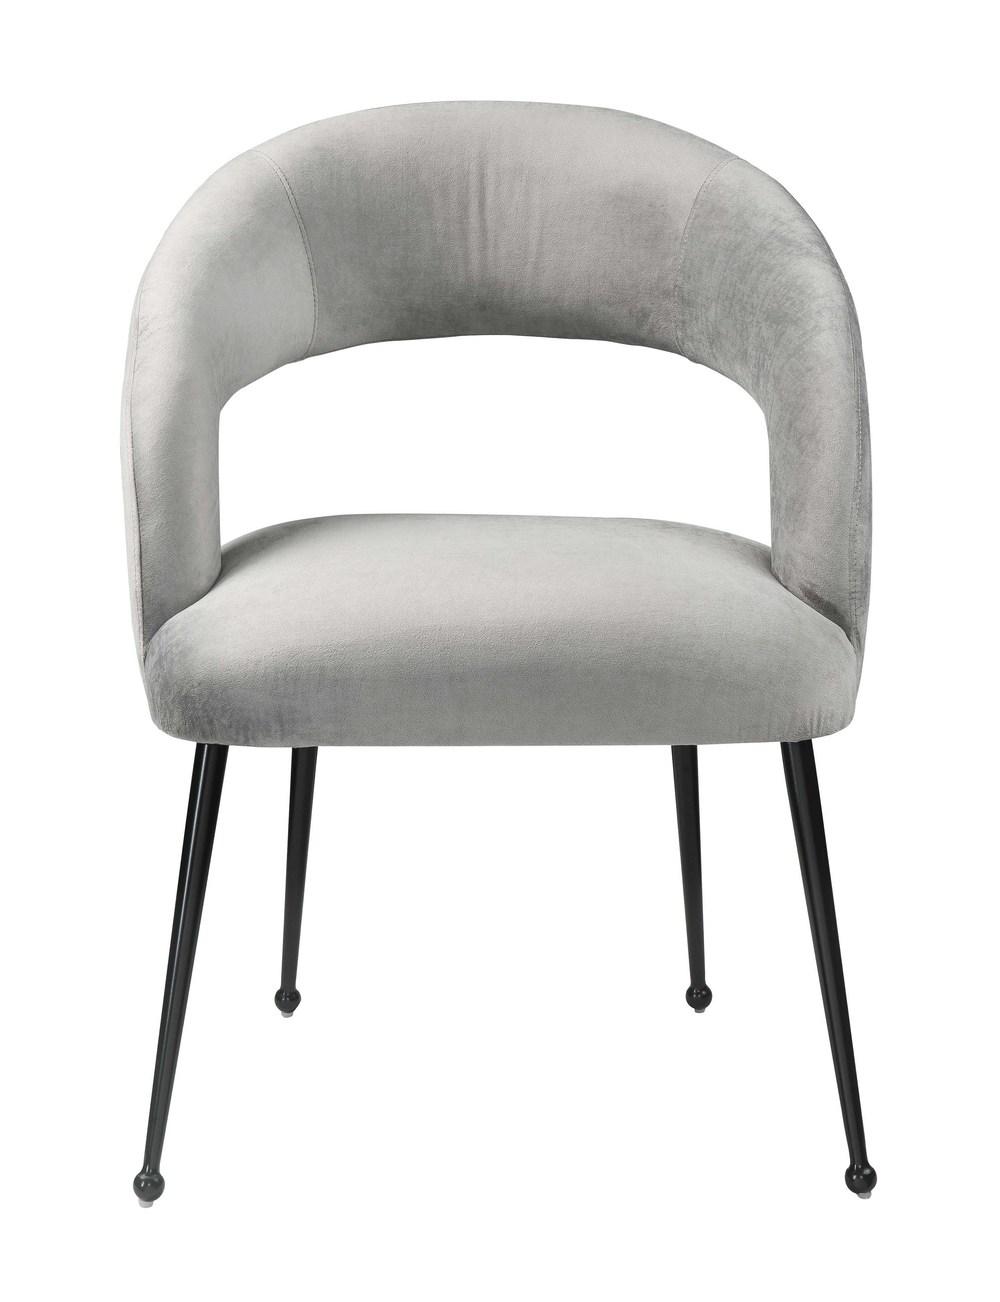 TOV Furniture - Rocco Slub Grey Dining Chair